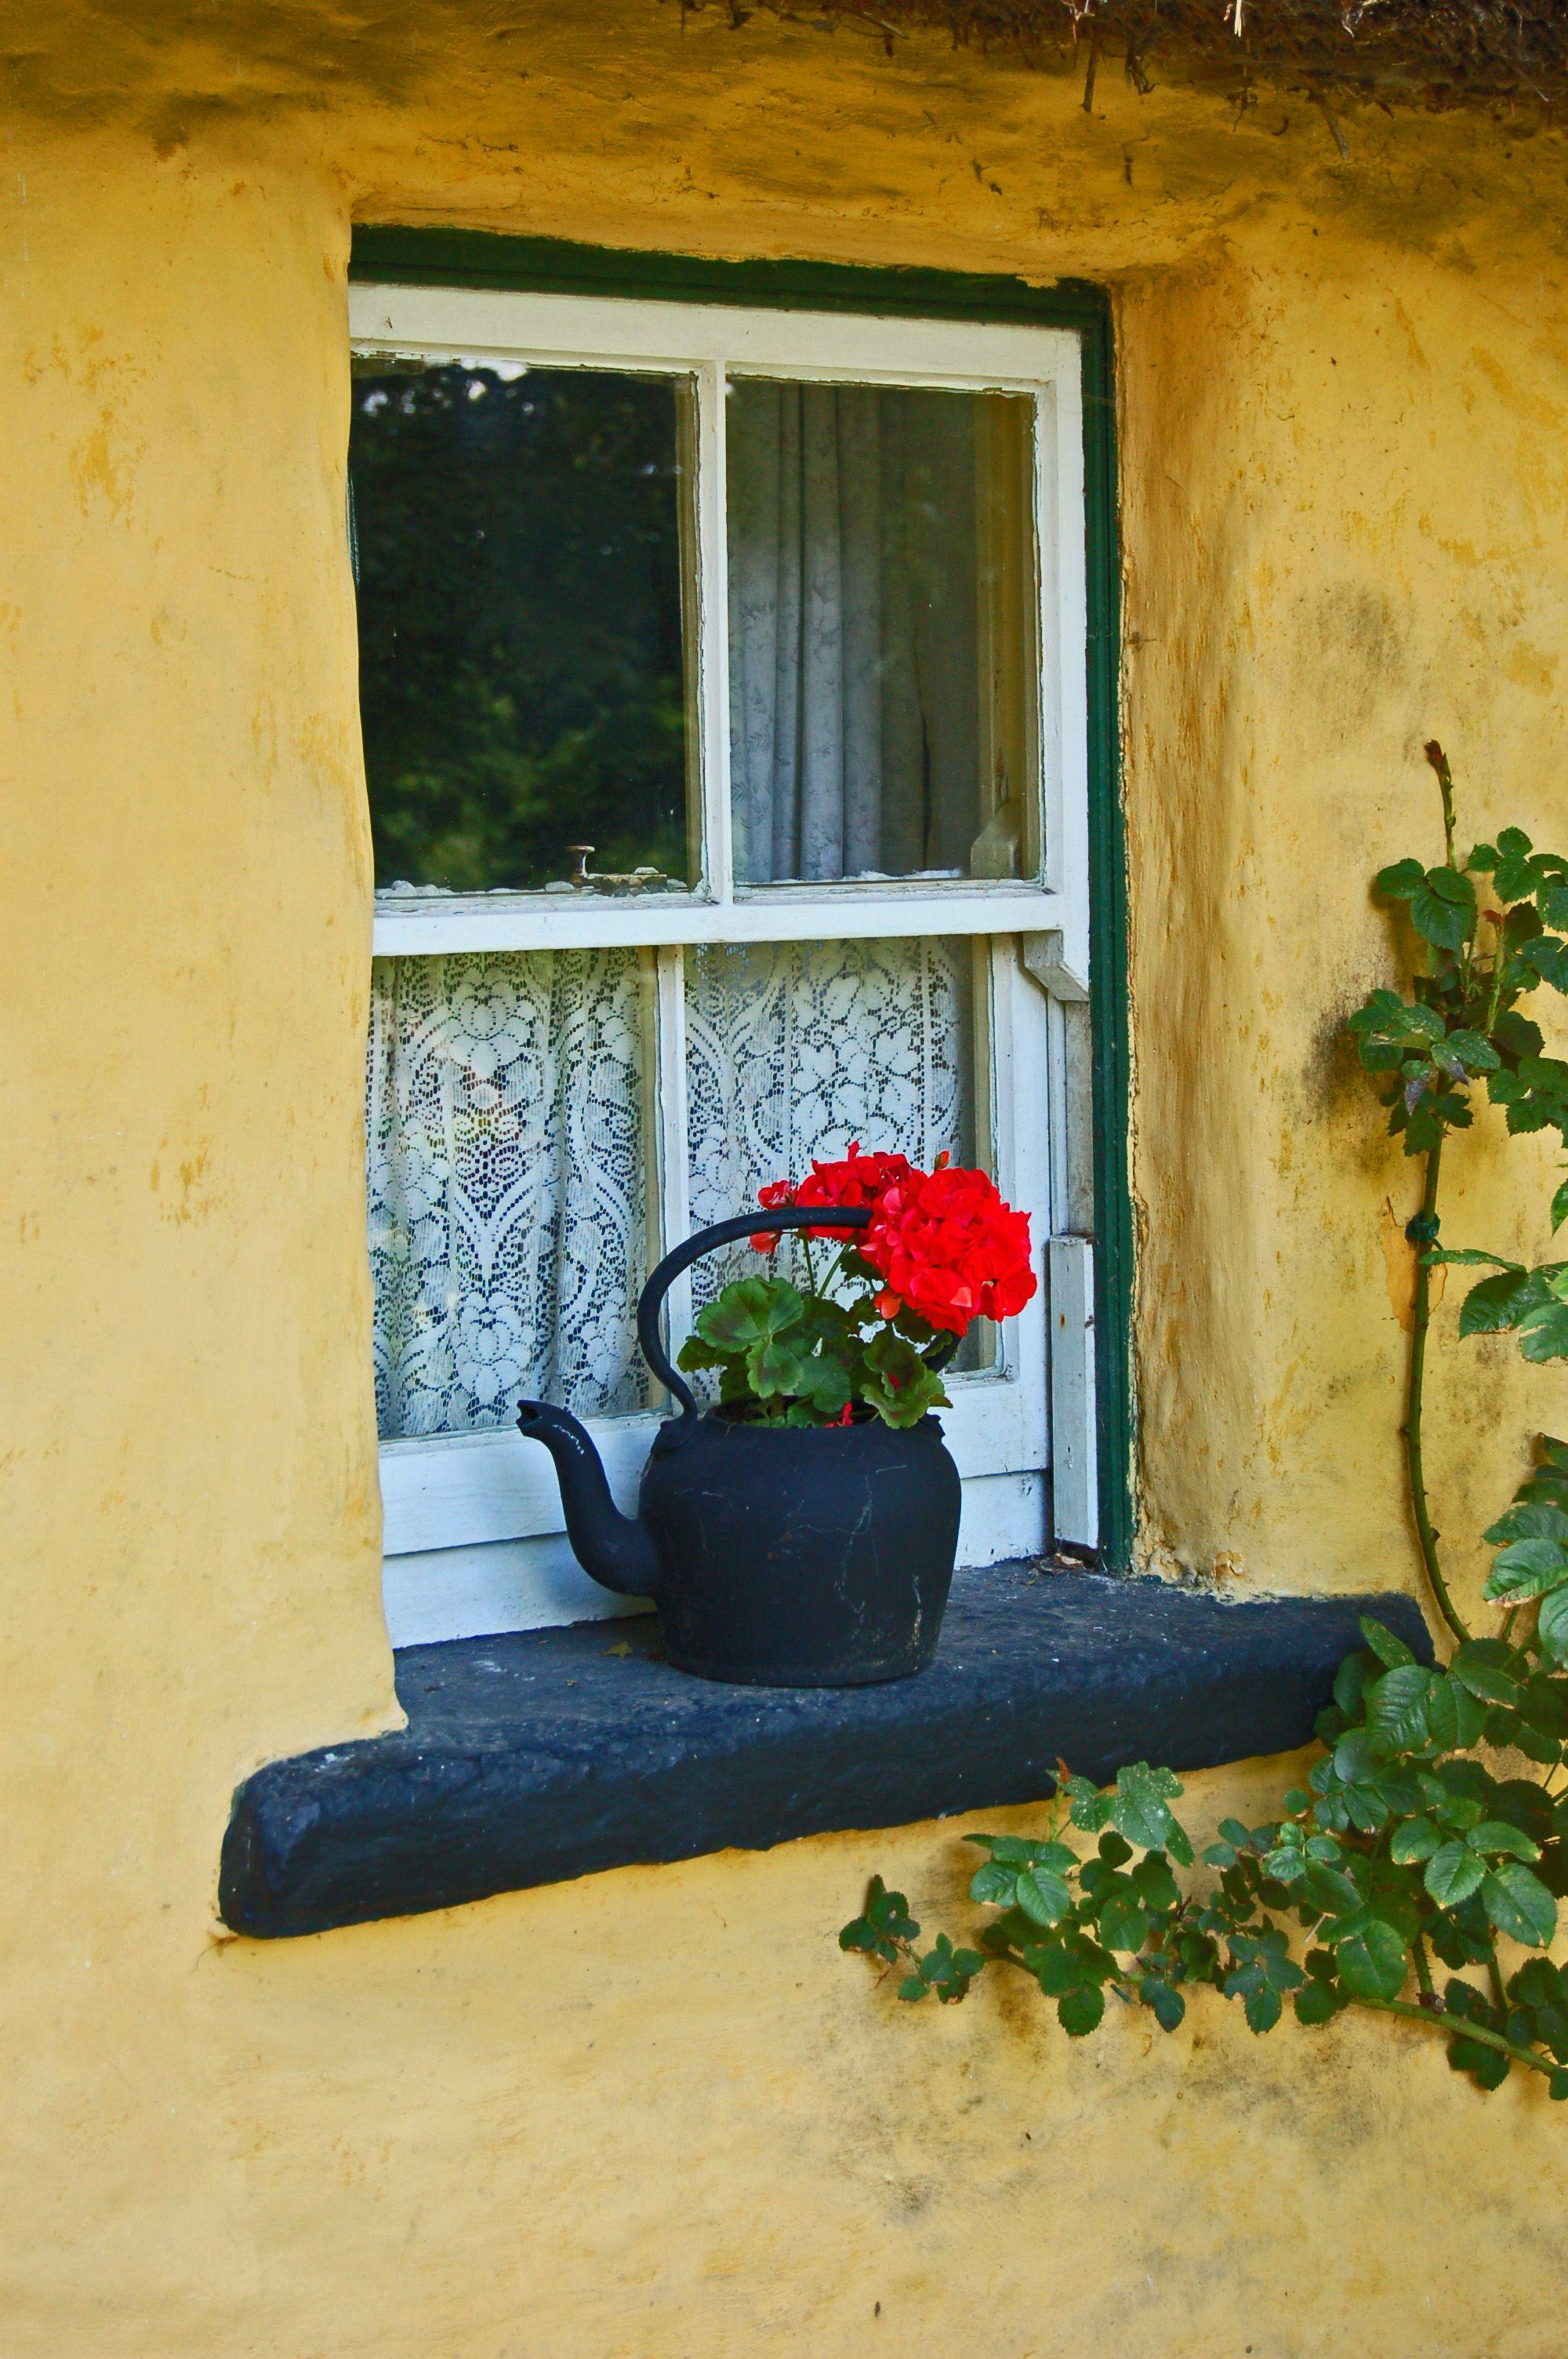 Flower Pot in Window, Ireland. Windows and doors, Window